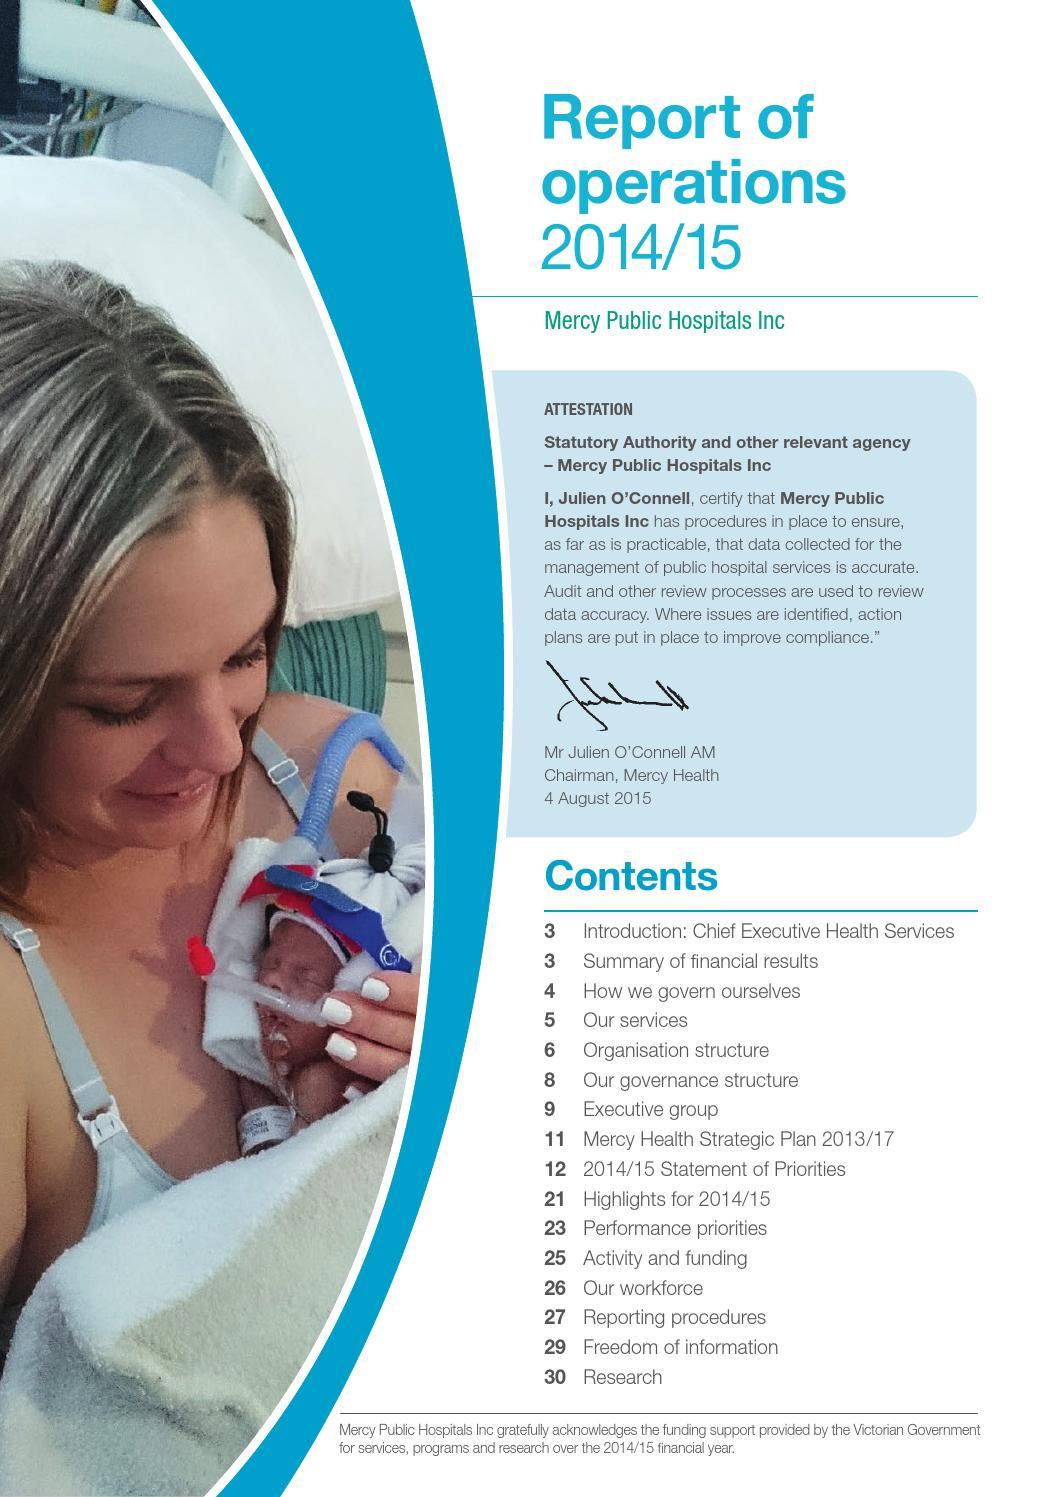 Mercy Health - MPHI Report 2015 by MercyHealthAus - issuu